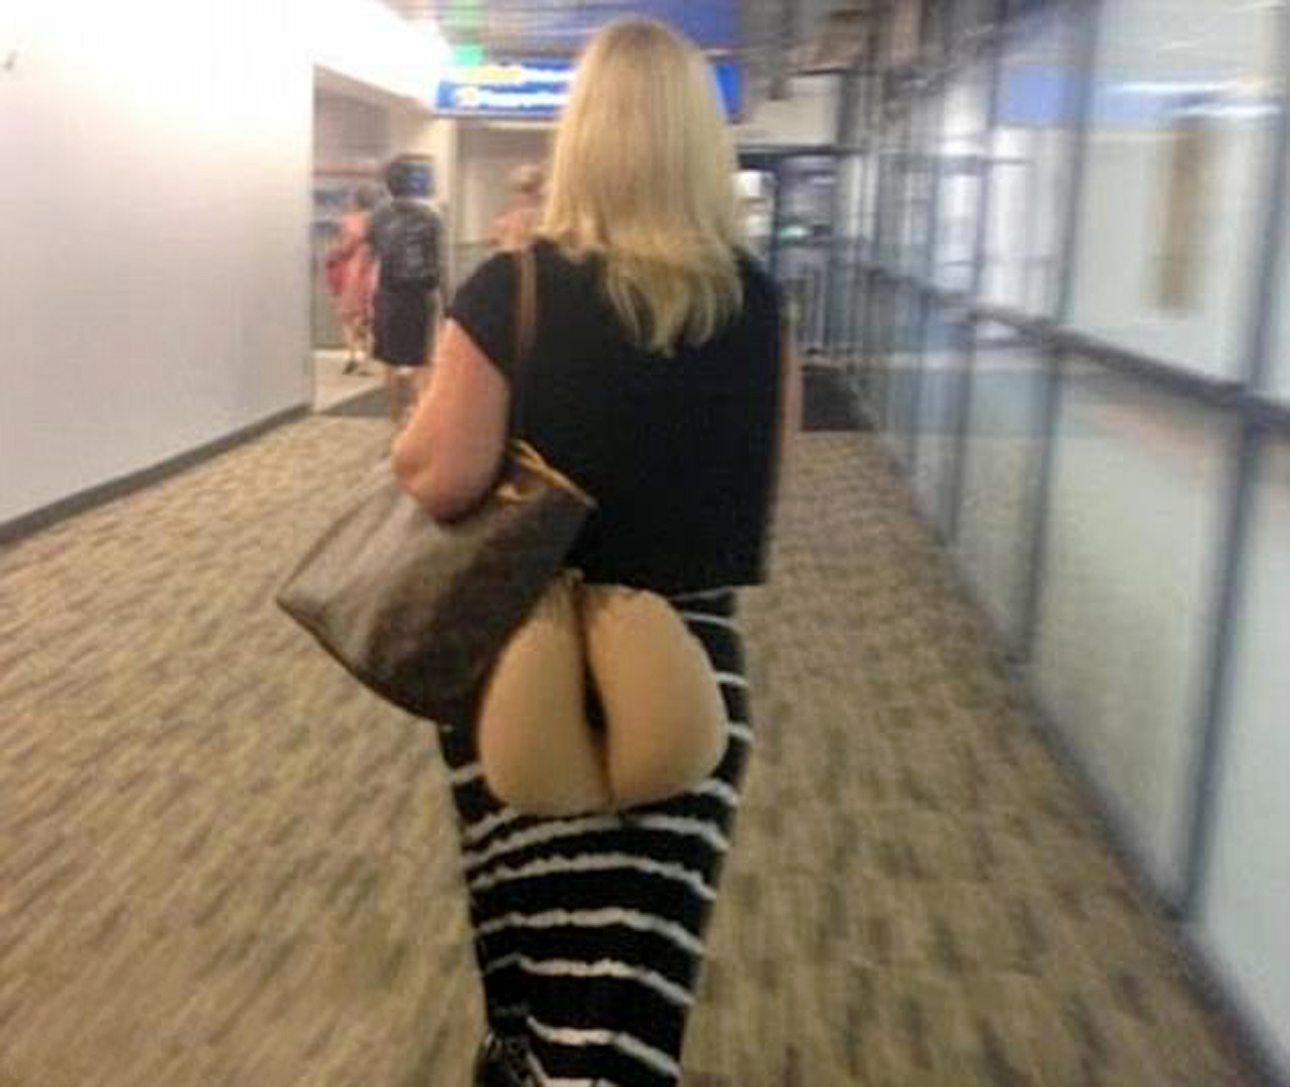 «Υπάρχει ο σωστός και ο ΛΑΘΟΣ τρόπος να μεταφέρεις το μπεζ μαξιλαράκι λαιμού» έγραψε ο χρήστης που ανέβασε την παραπάνω φωτογραφία